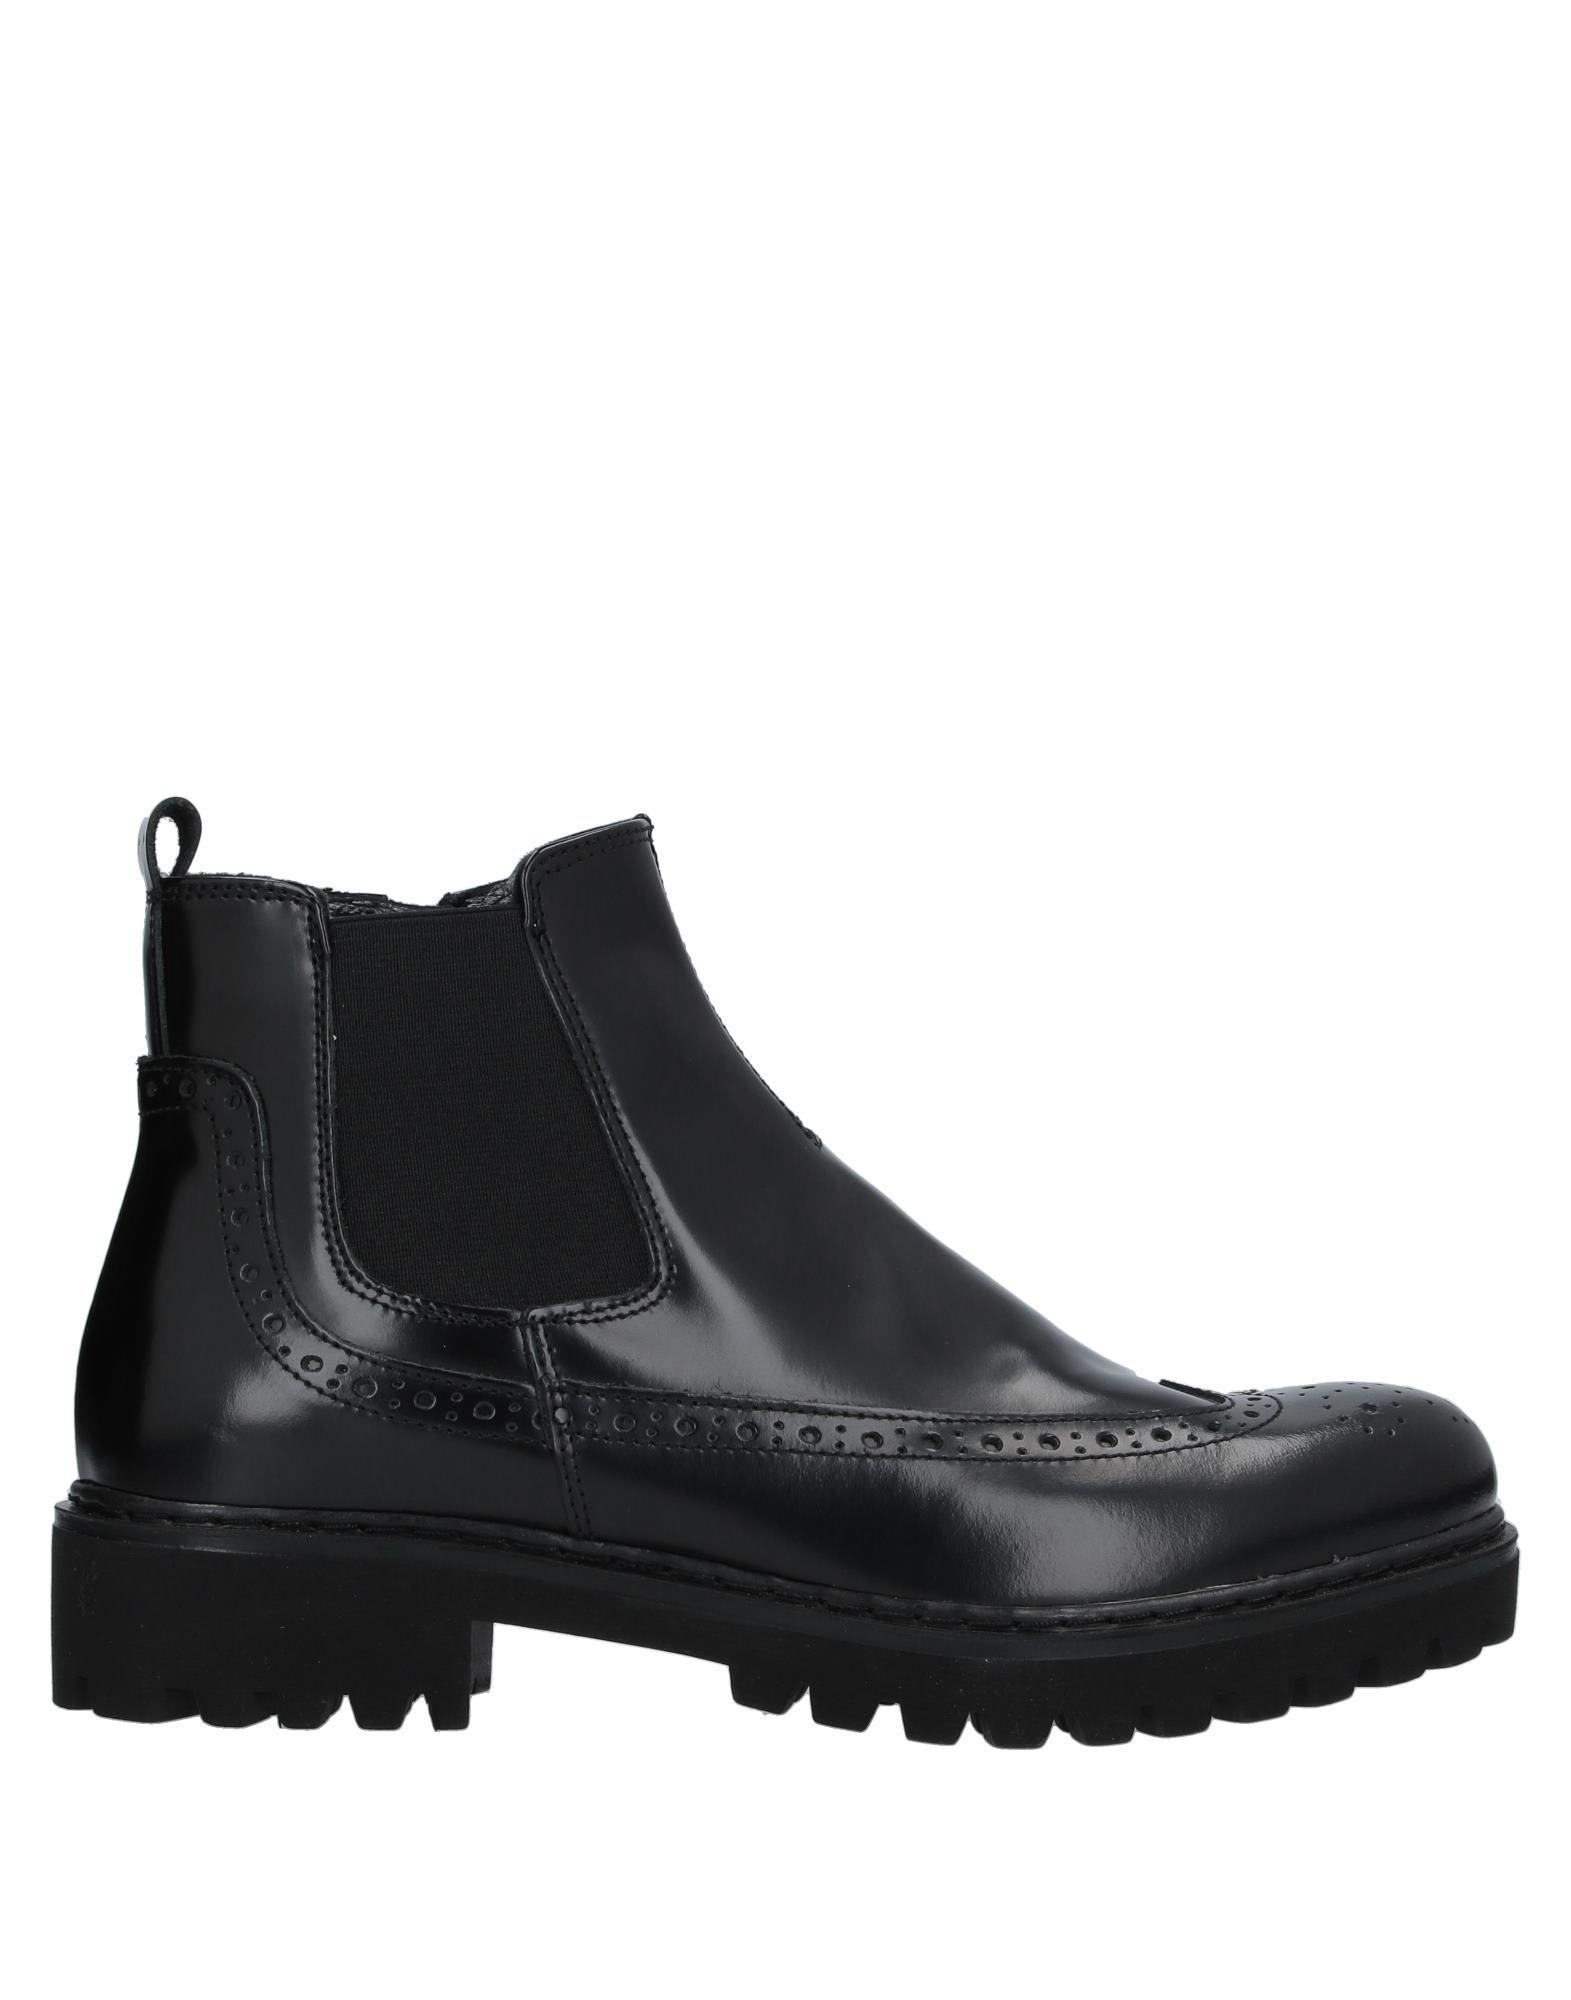 NICOLA SEXTON Полусапоги и высокие ботинки nicola sexton полусапоги и высокие ботинки